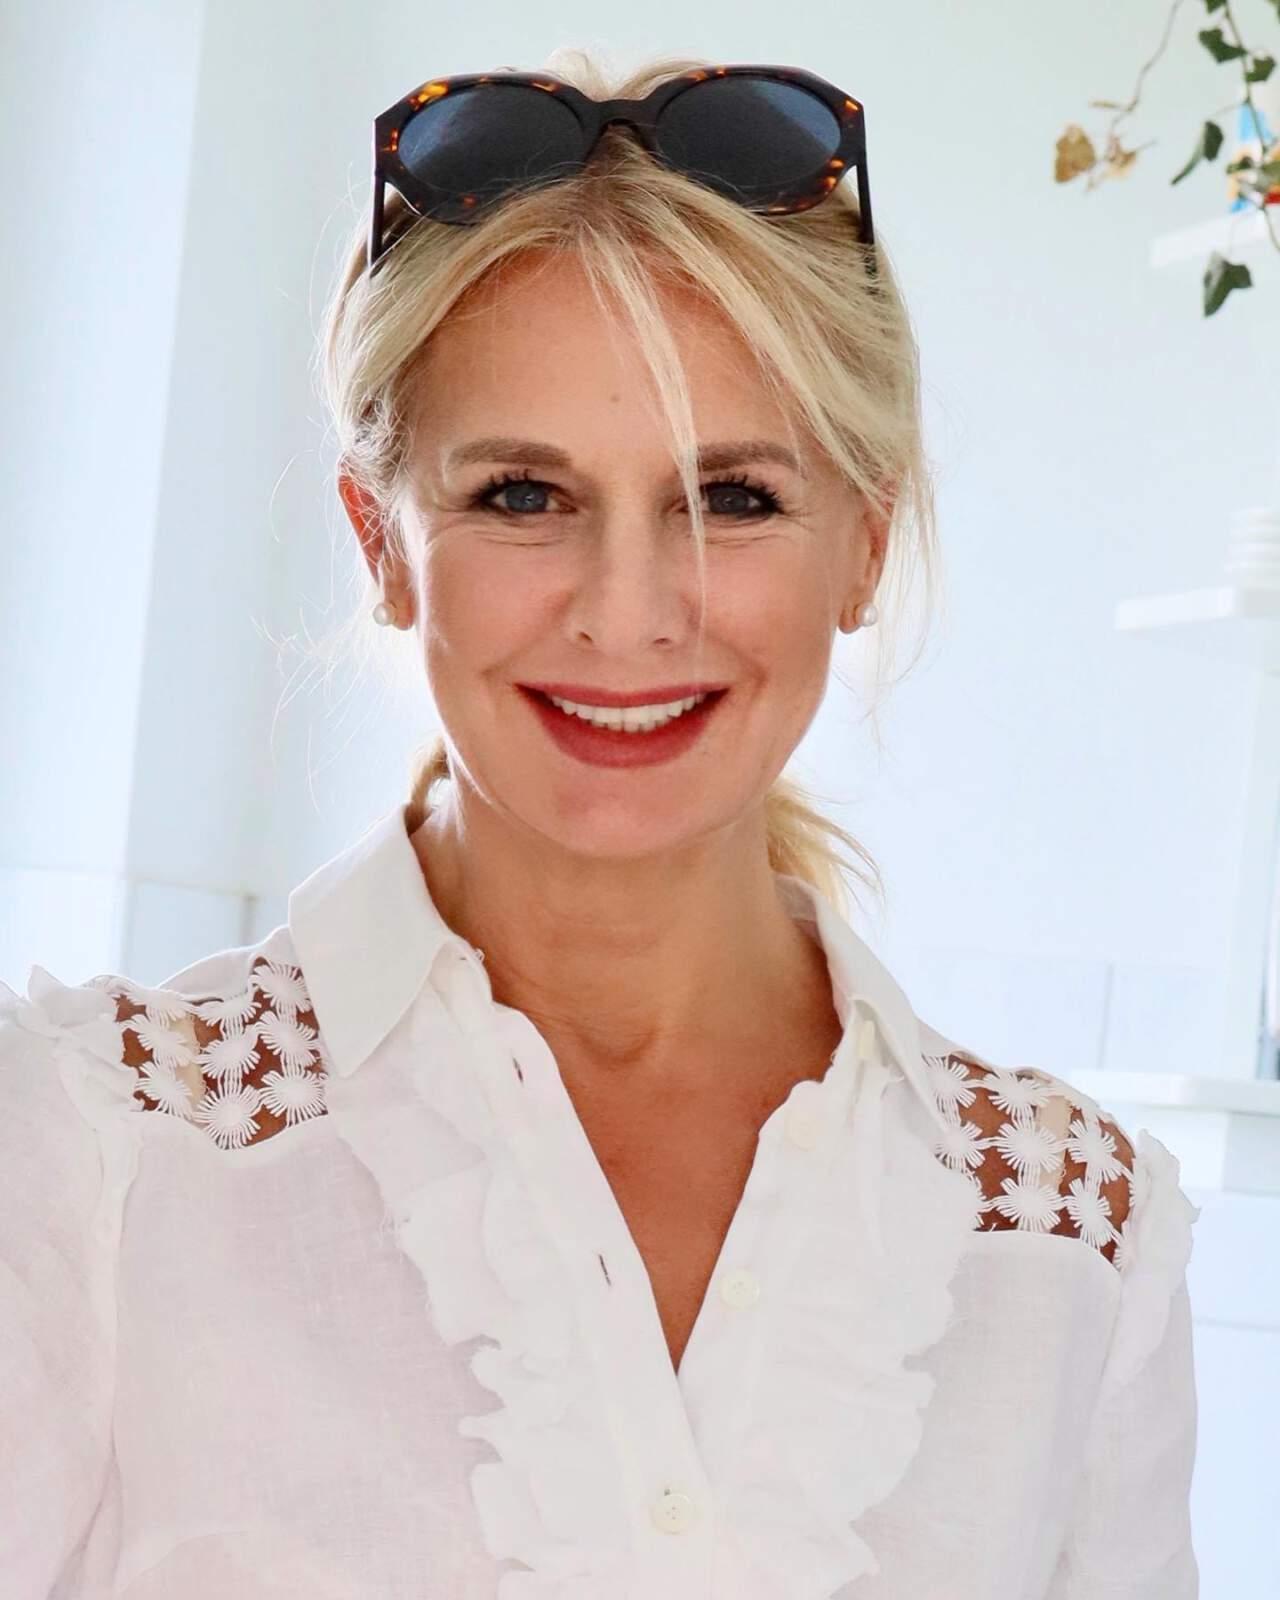 Stilexpertin Bibi Horst berichtet über ihre Liebe zu Weiß